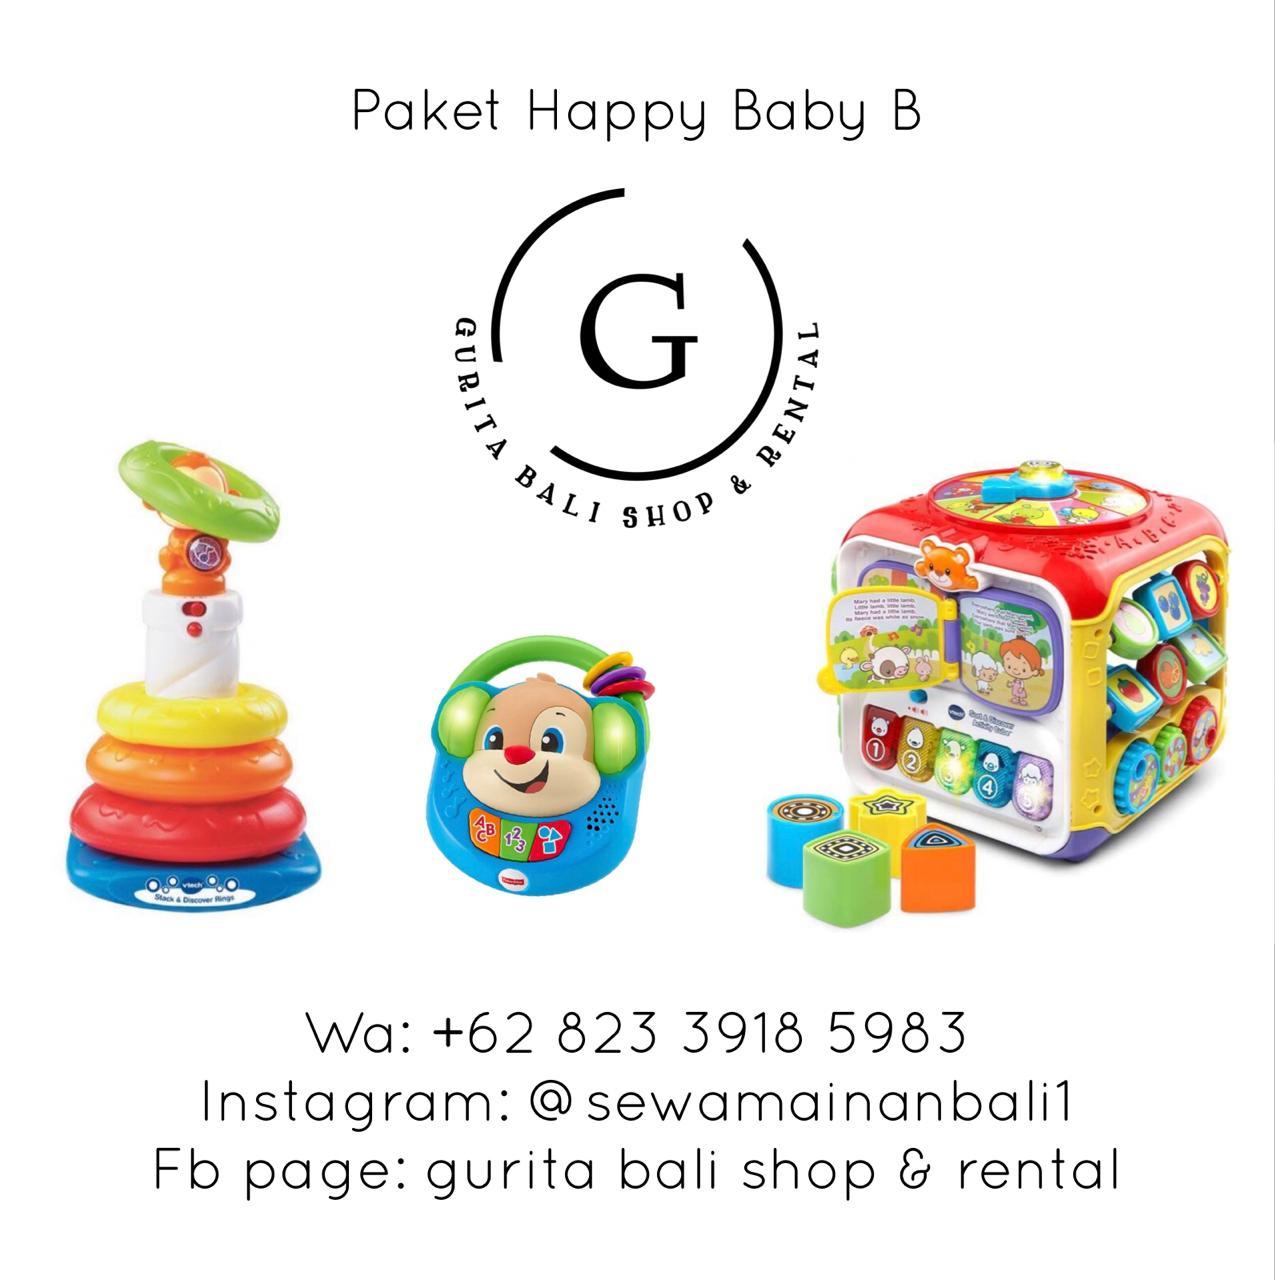 PAKET HAPPY BABY B